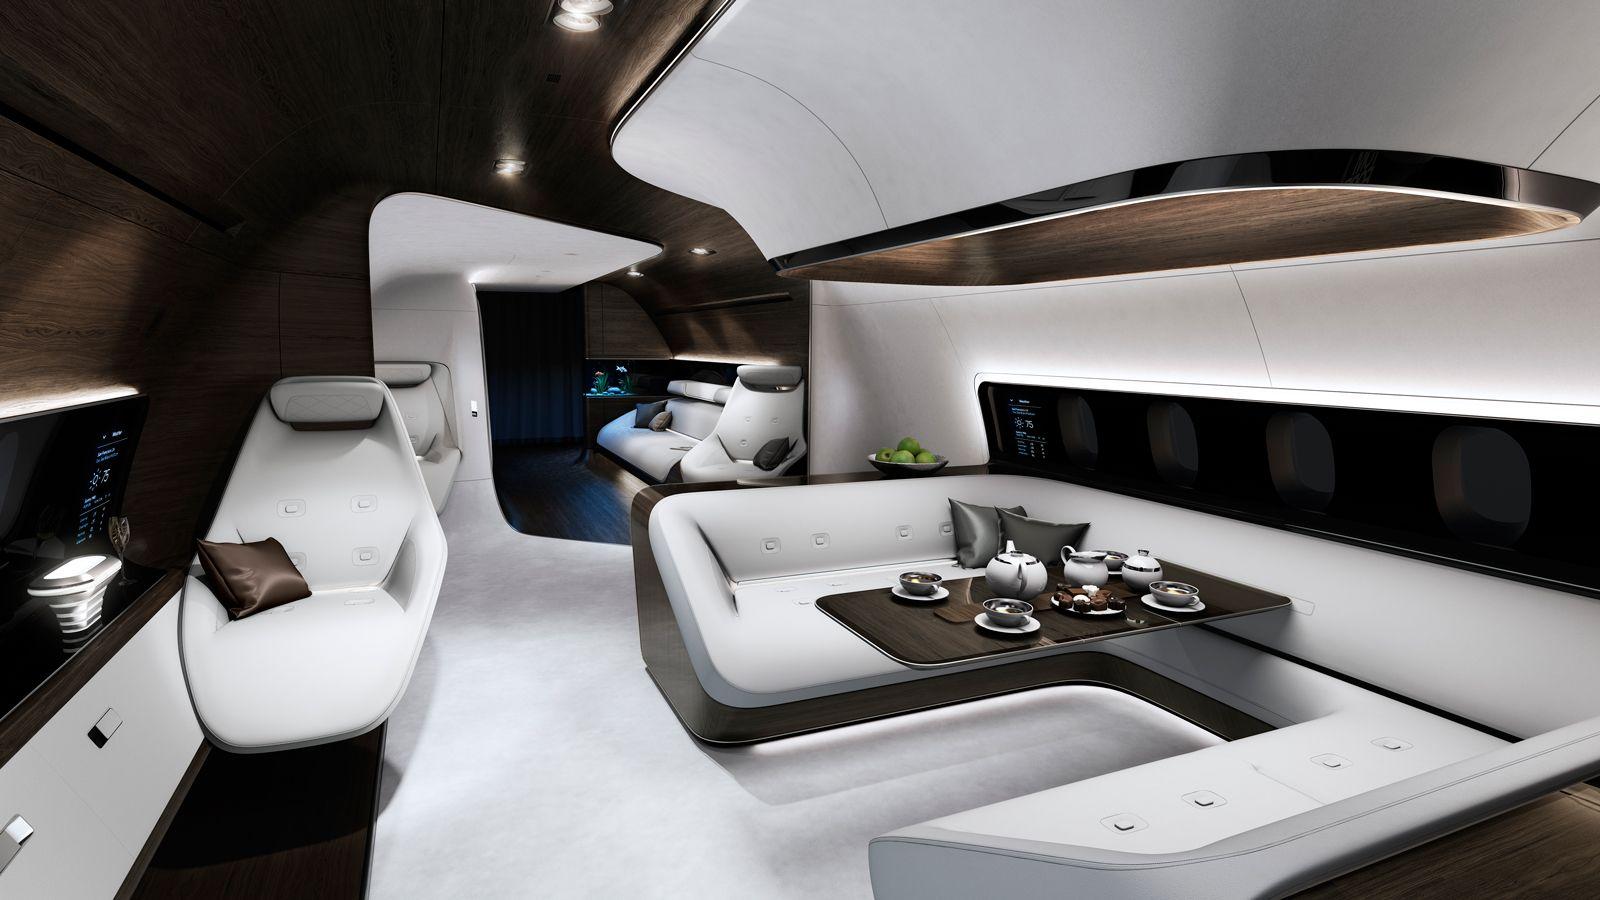 Mercedes-Benz aircraft lounge